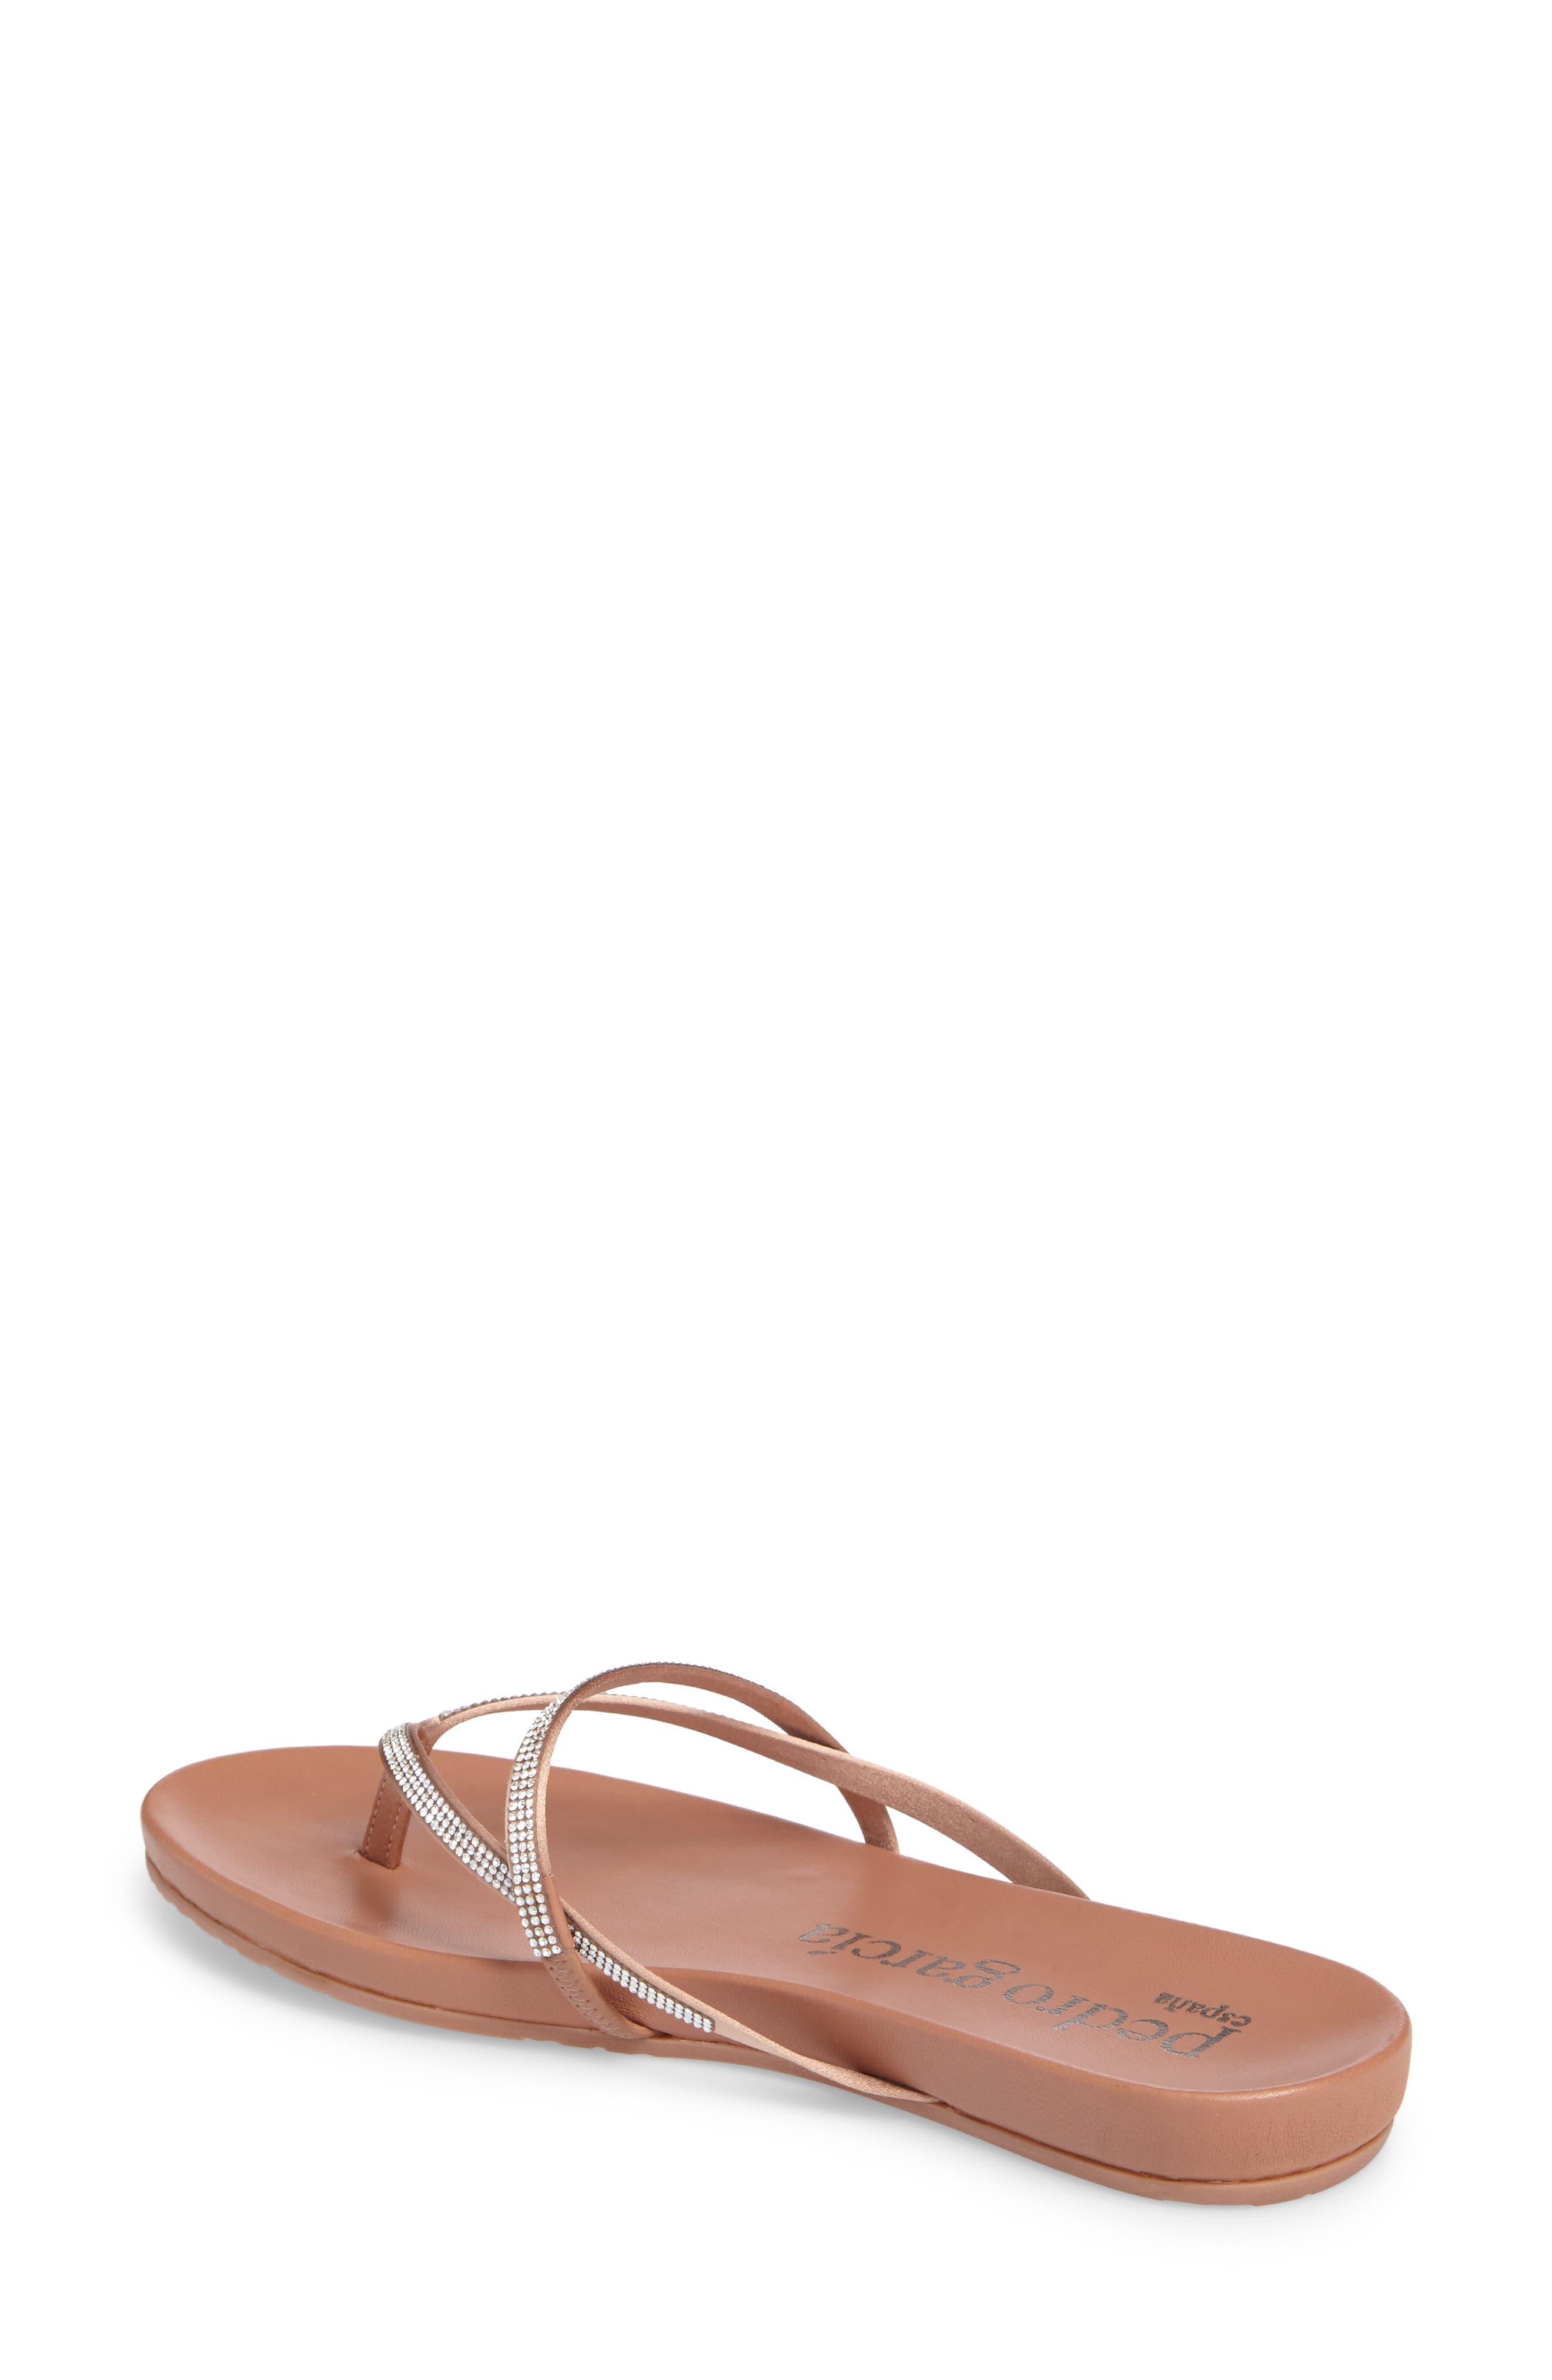 Giulia Crystal Embellished Sandal,                             Alternate thumbnail 2, color,                             Bisque Satin